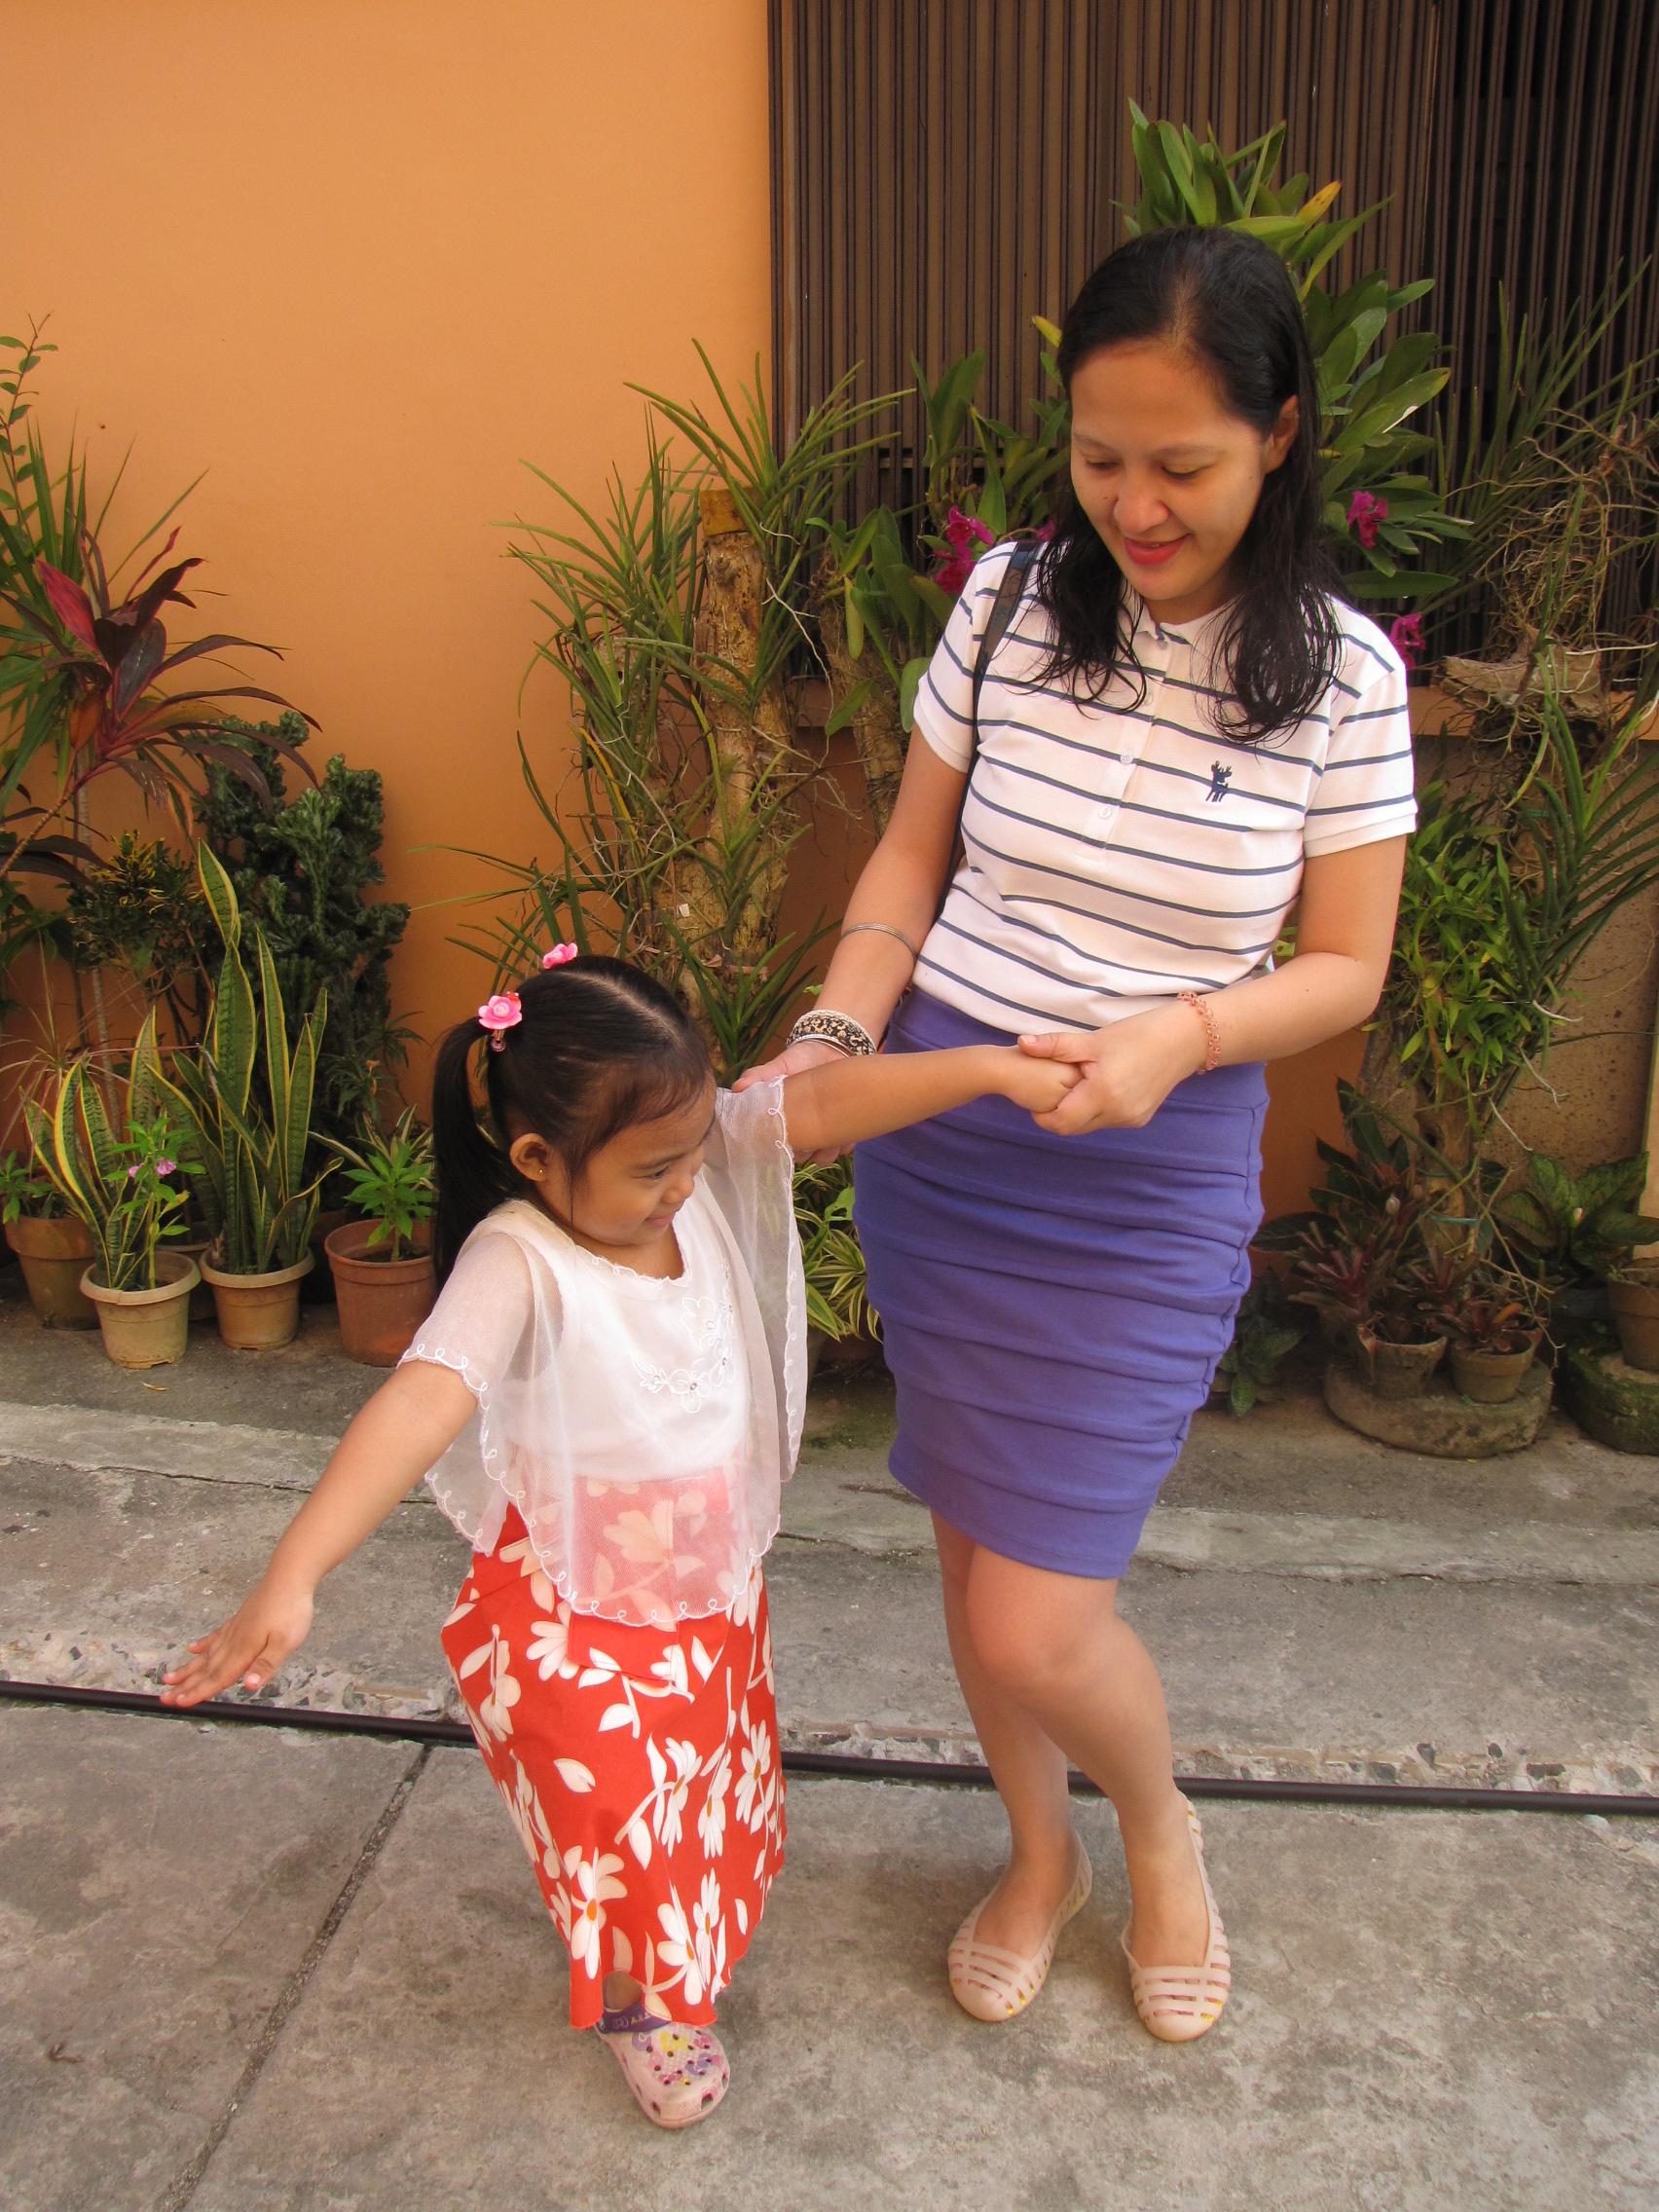 I PlusPng.com  - Linggo Ng Wika Costume PNG